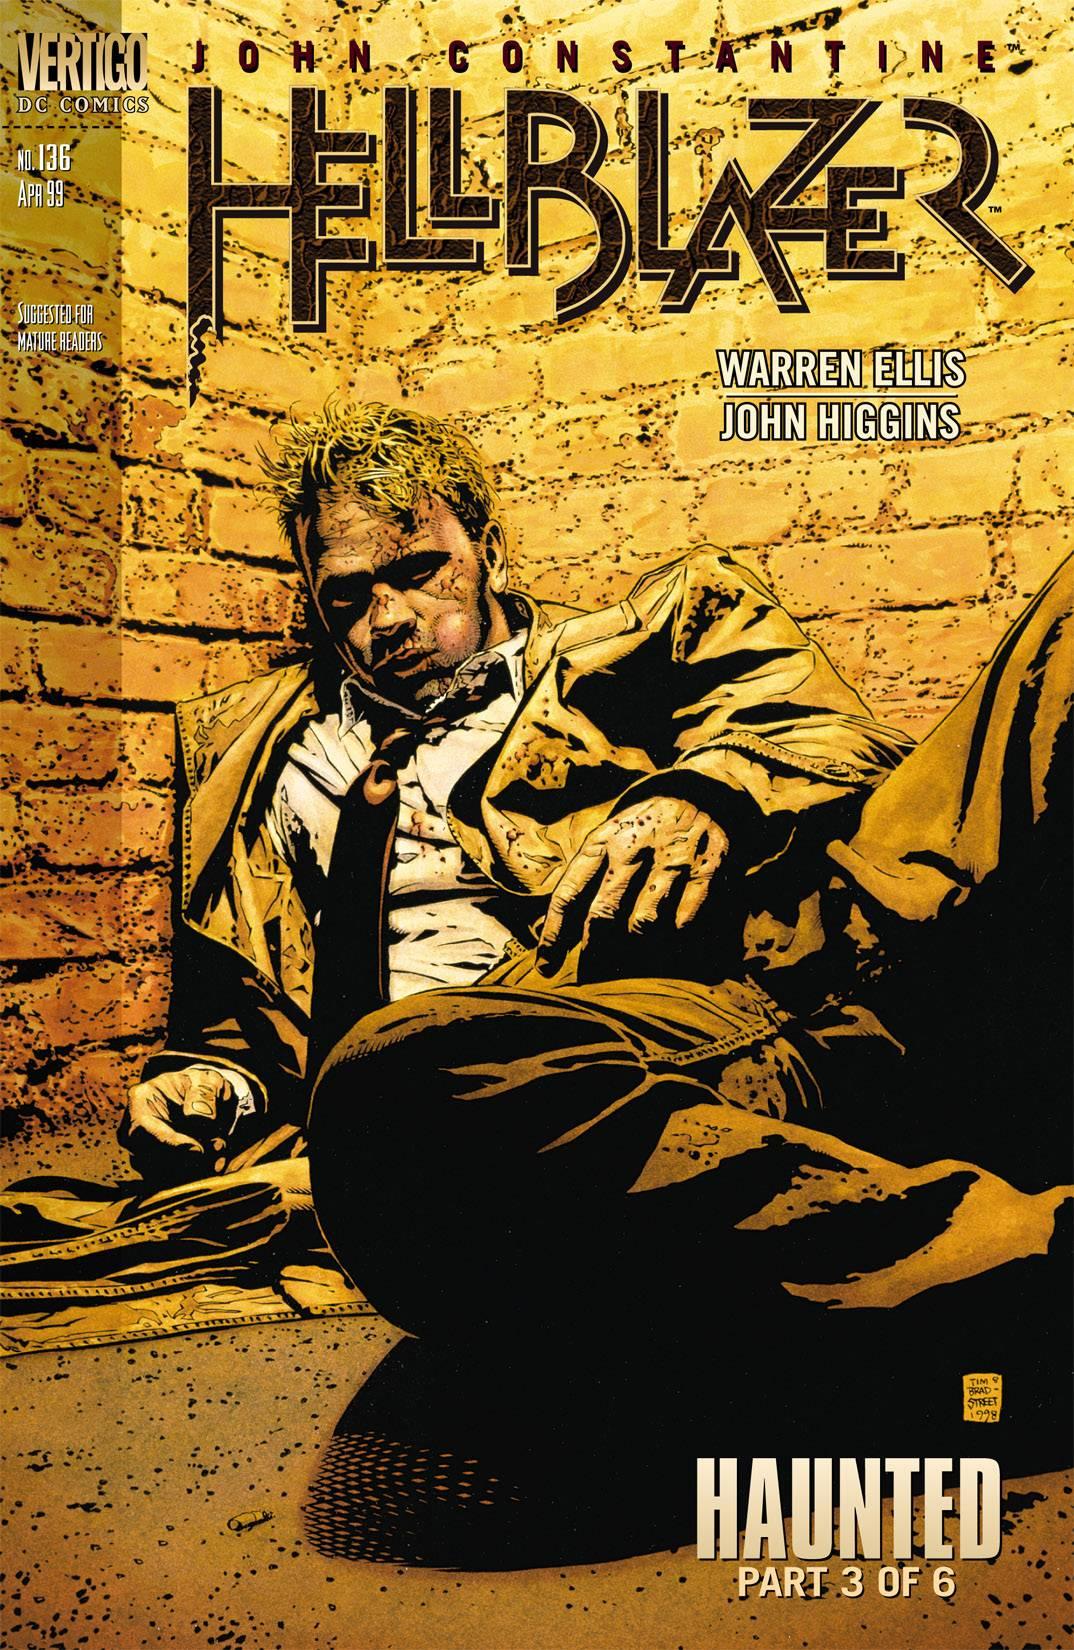 Джон Константин: Посланник ада №136 онлайн